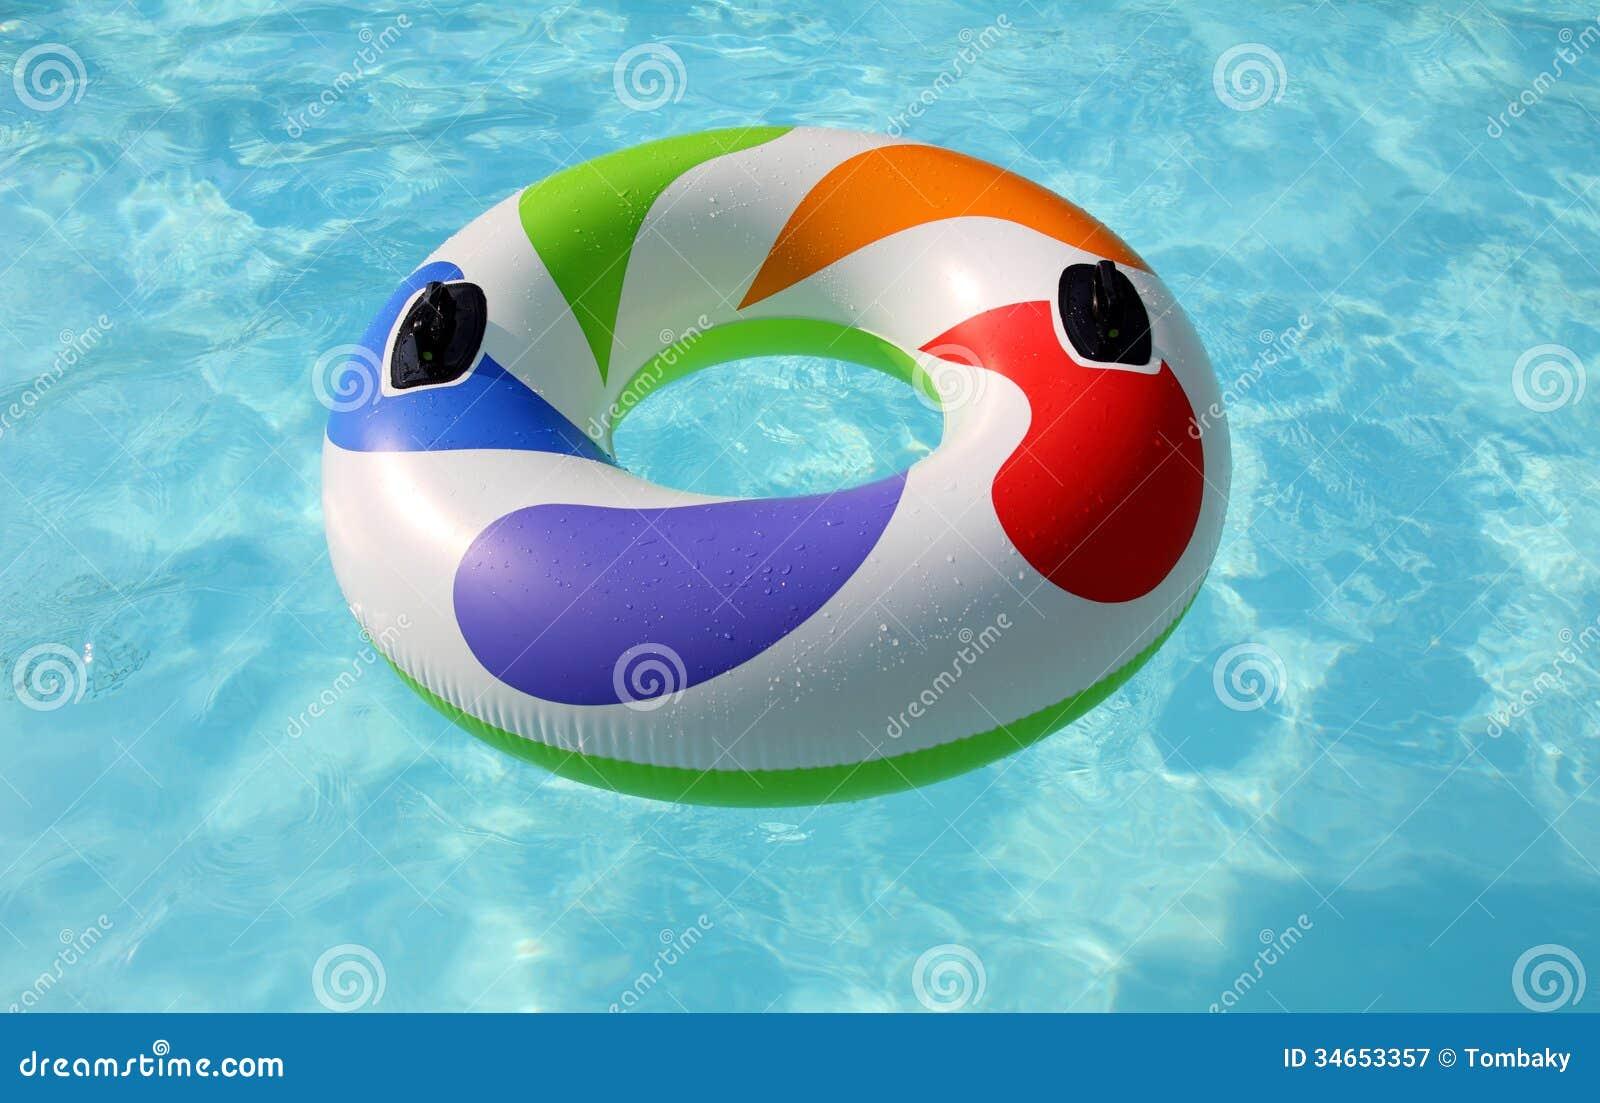 Pool Float Clip Art Swim Ring In Swimming Pool